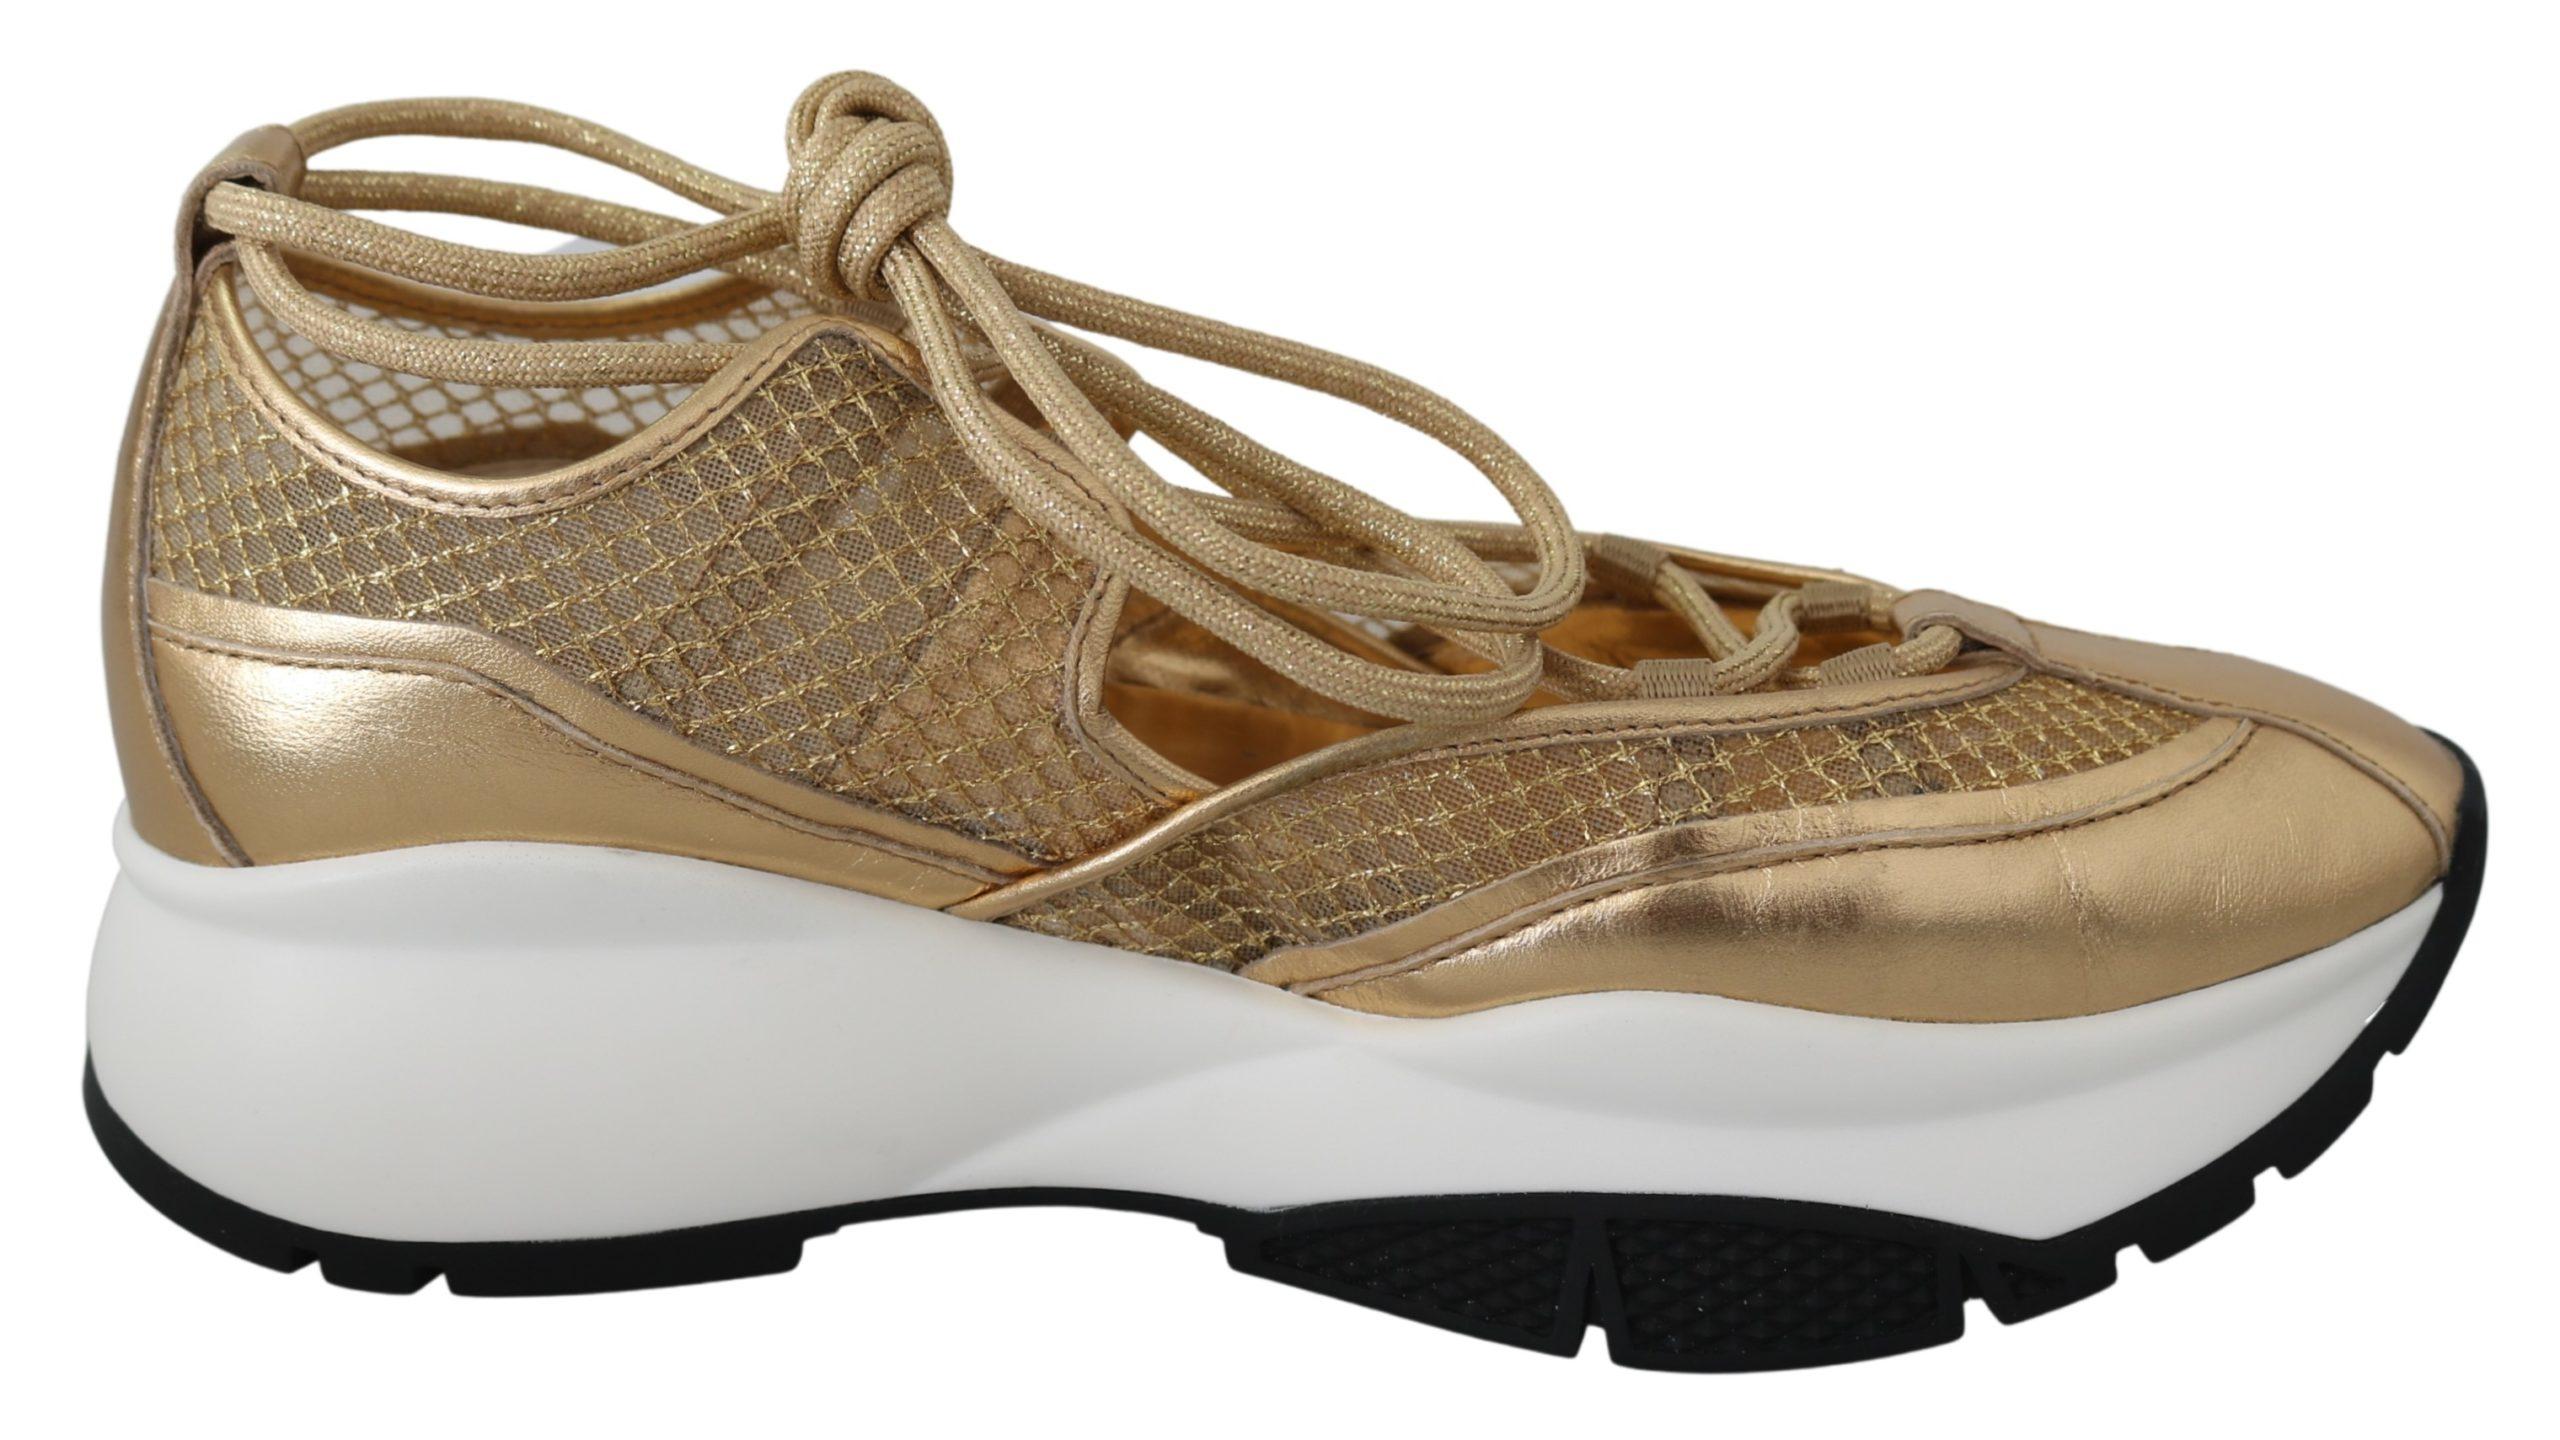 Jimmy Choo Women's Michigan Sneakers Gold 192954325091 - EU36/US6